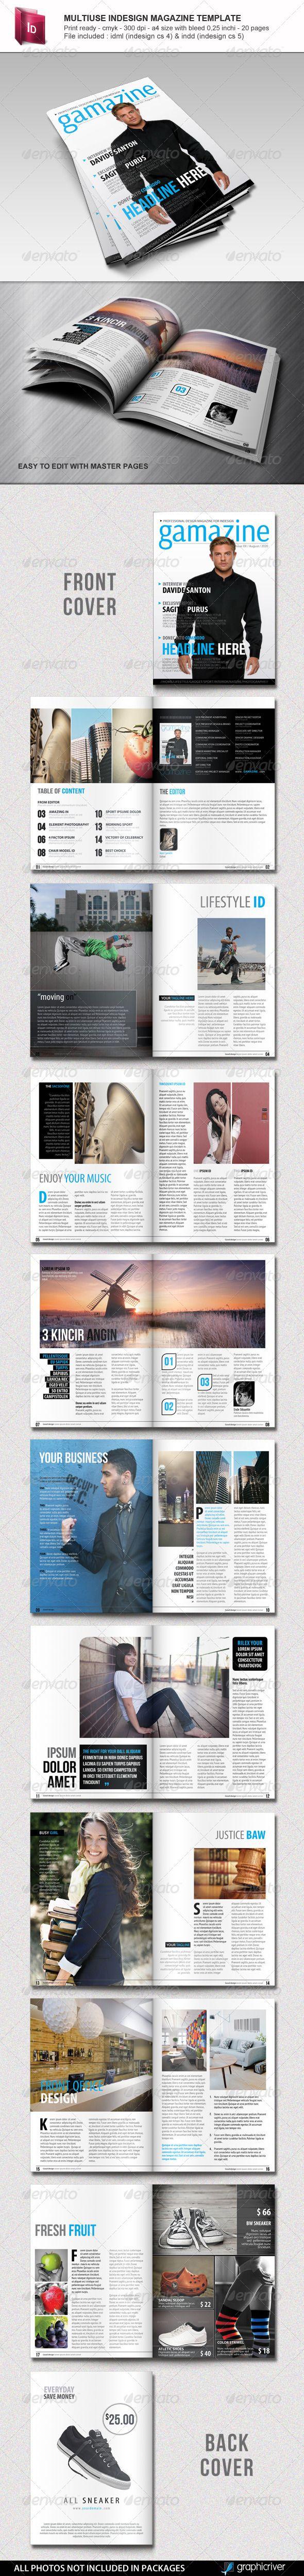 Tolle Jahrbuch Layoutvorlagen Fotos - Beispiel Wiederaufnahme ...